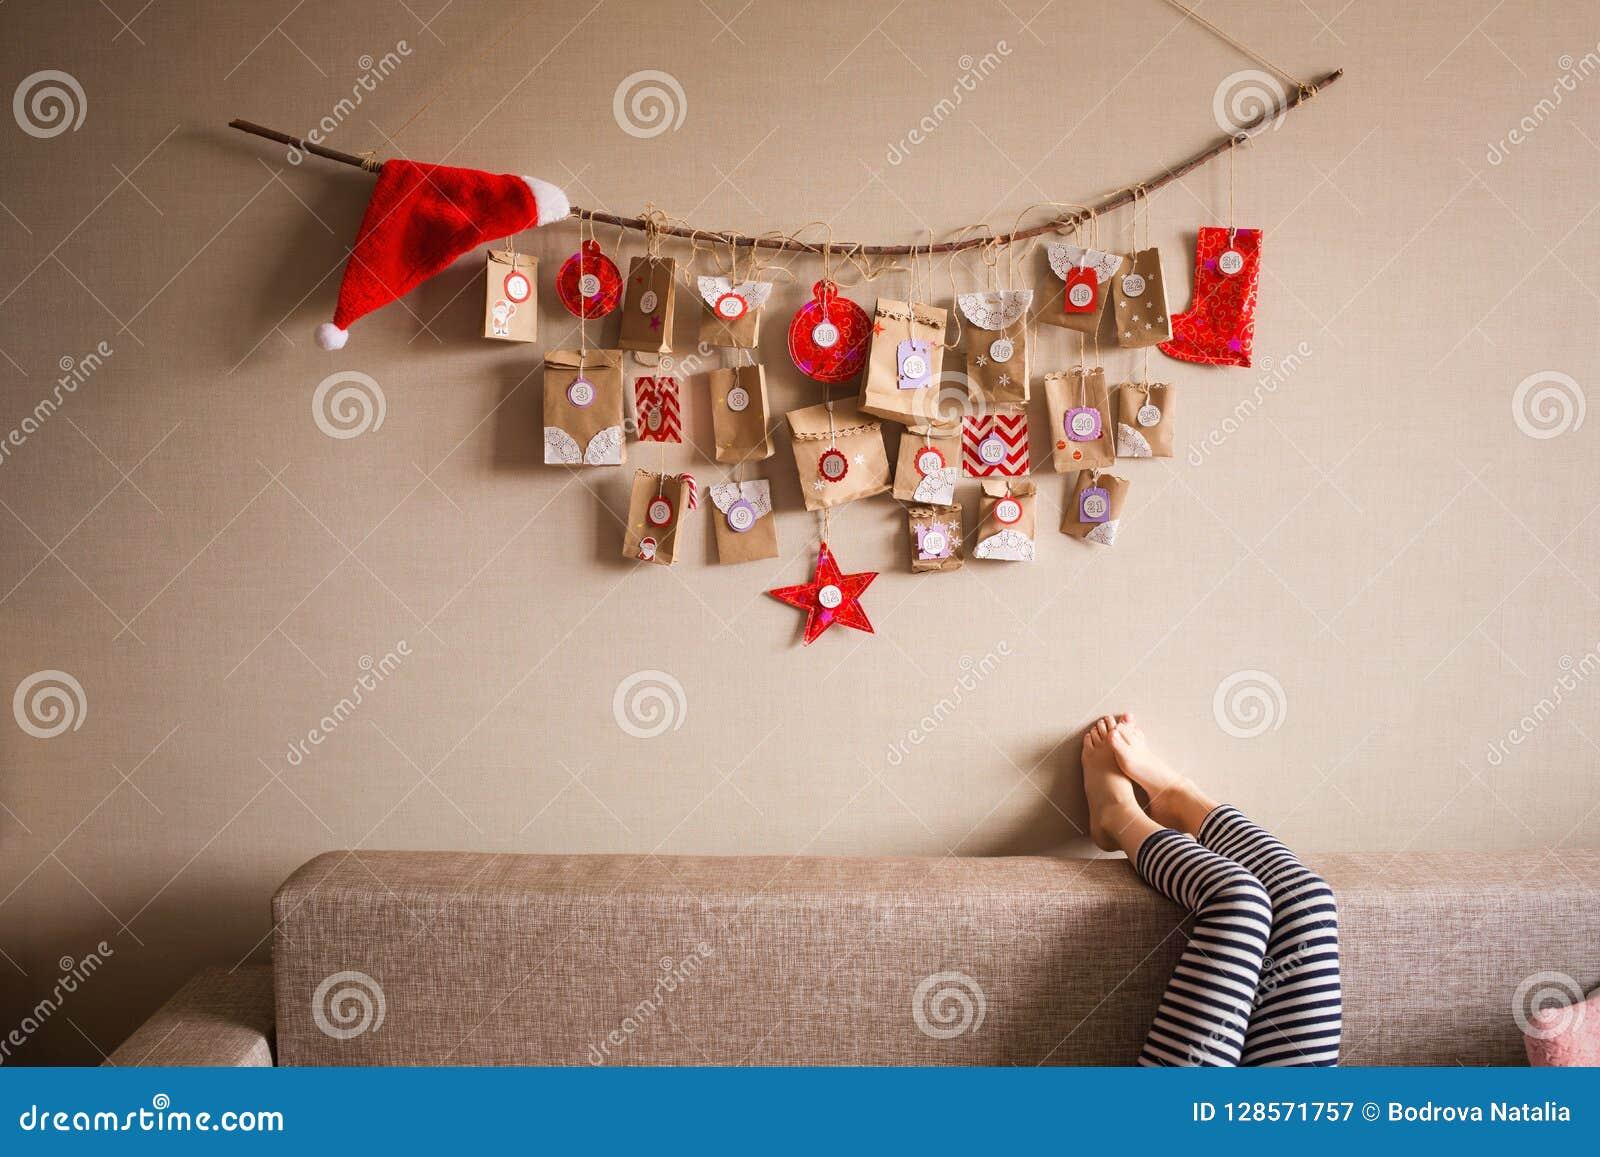 垂悬在墙壁上的出现日历 孩子的小礼物惊奇